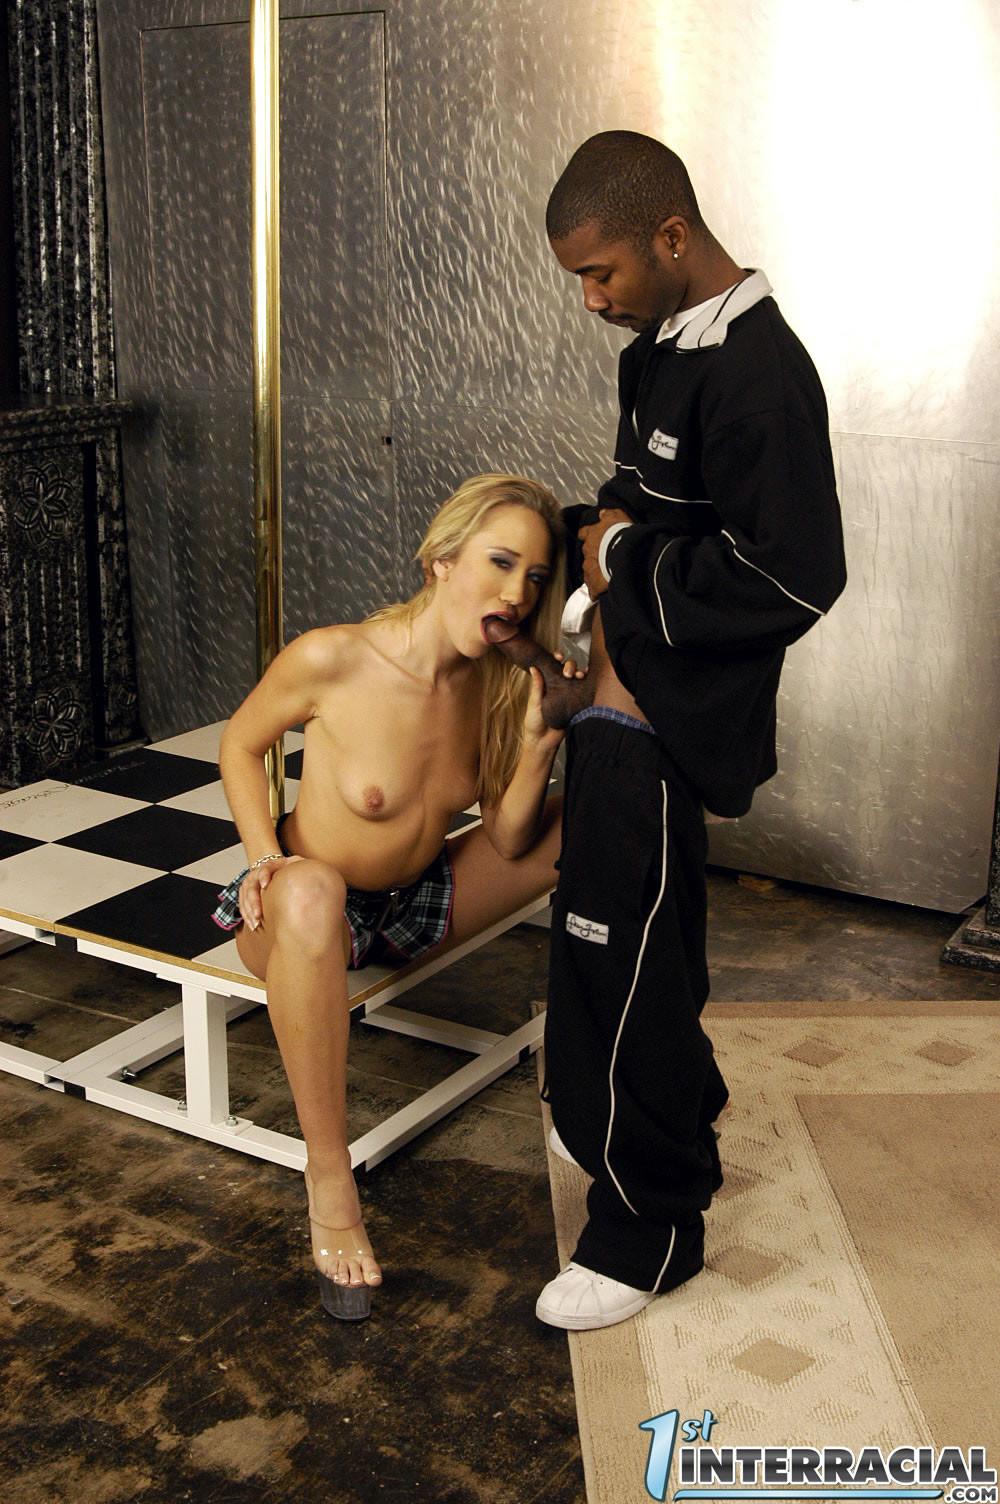 Алана Еванс трахается с негром, межрасовый трах показался ей лучшей изменой мужу, так что телка просто наслаждается черным большим членом